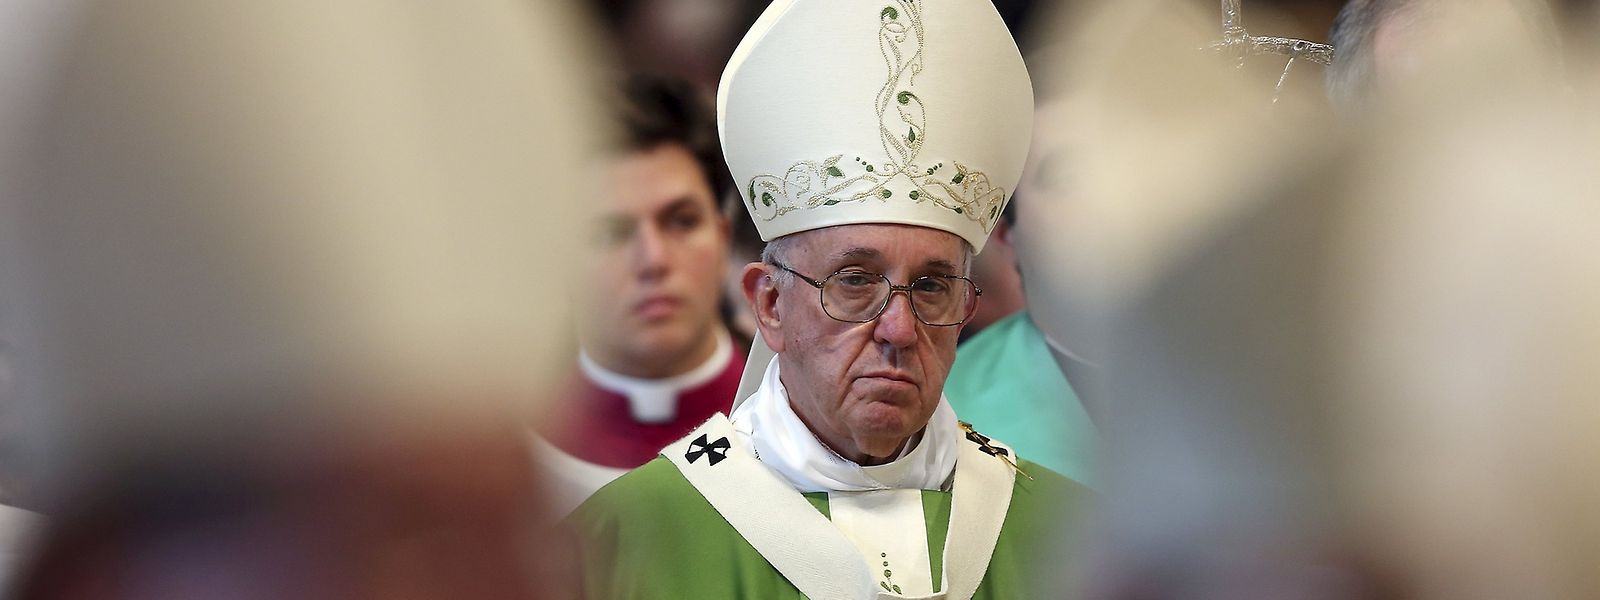 Im Rahmen der Synode hat Papst Franziskus die Kongregation für die Laien, die Familie und den Lebensschutz gegründet.